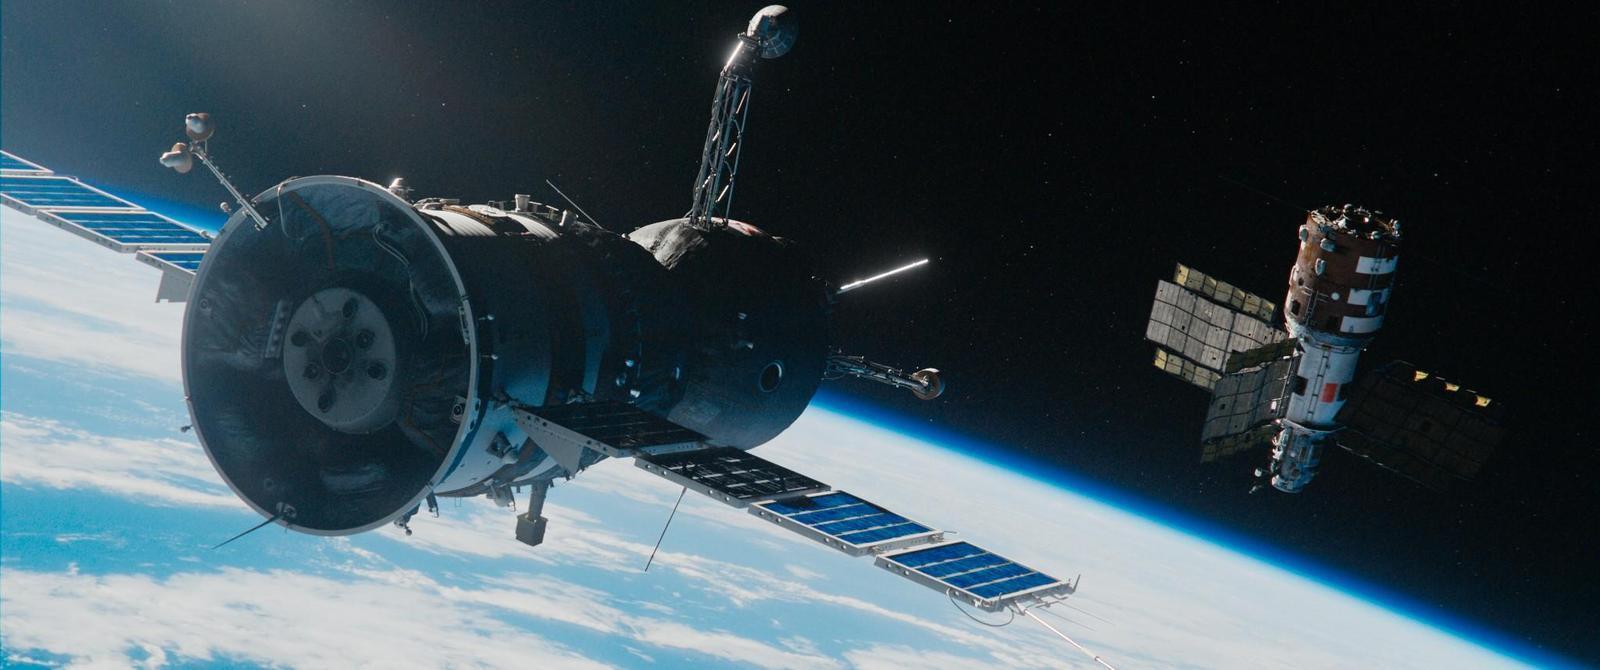 В России празднуют 50-летие запуска первой орбитальной космической станции Салют-1